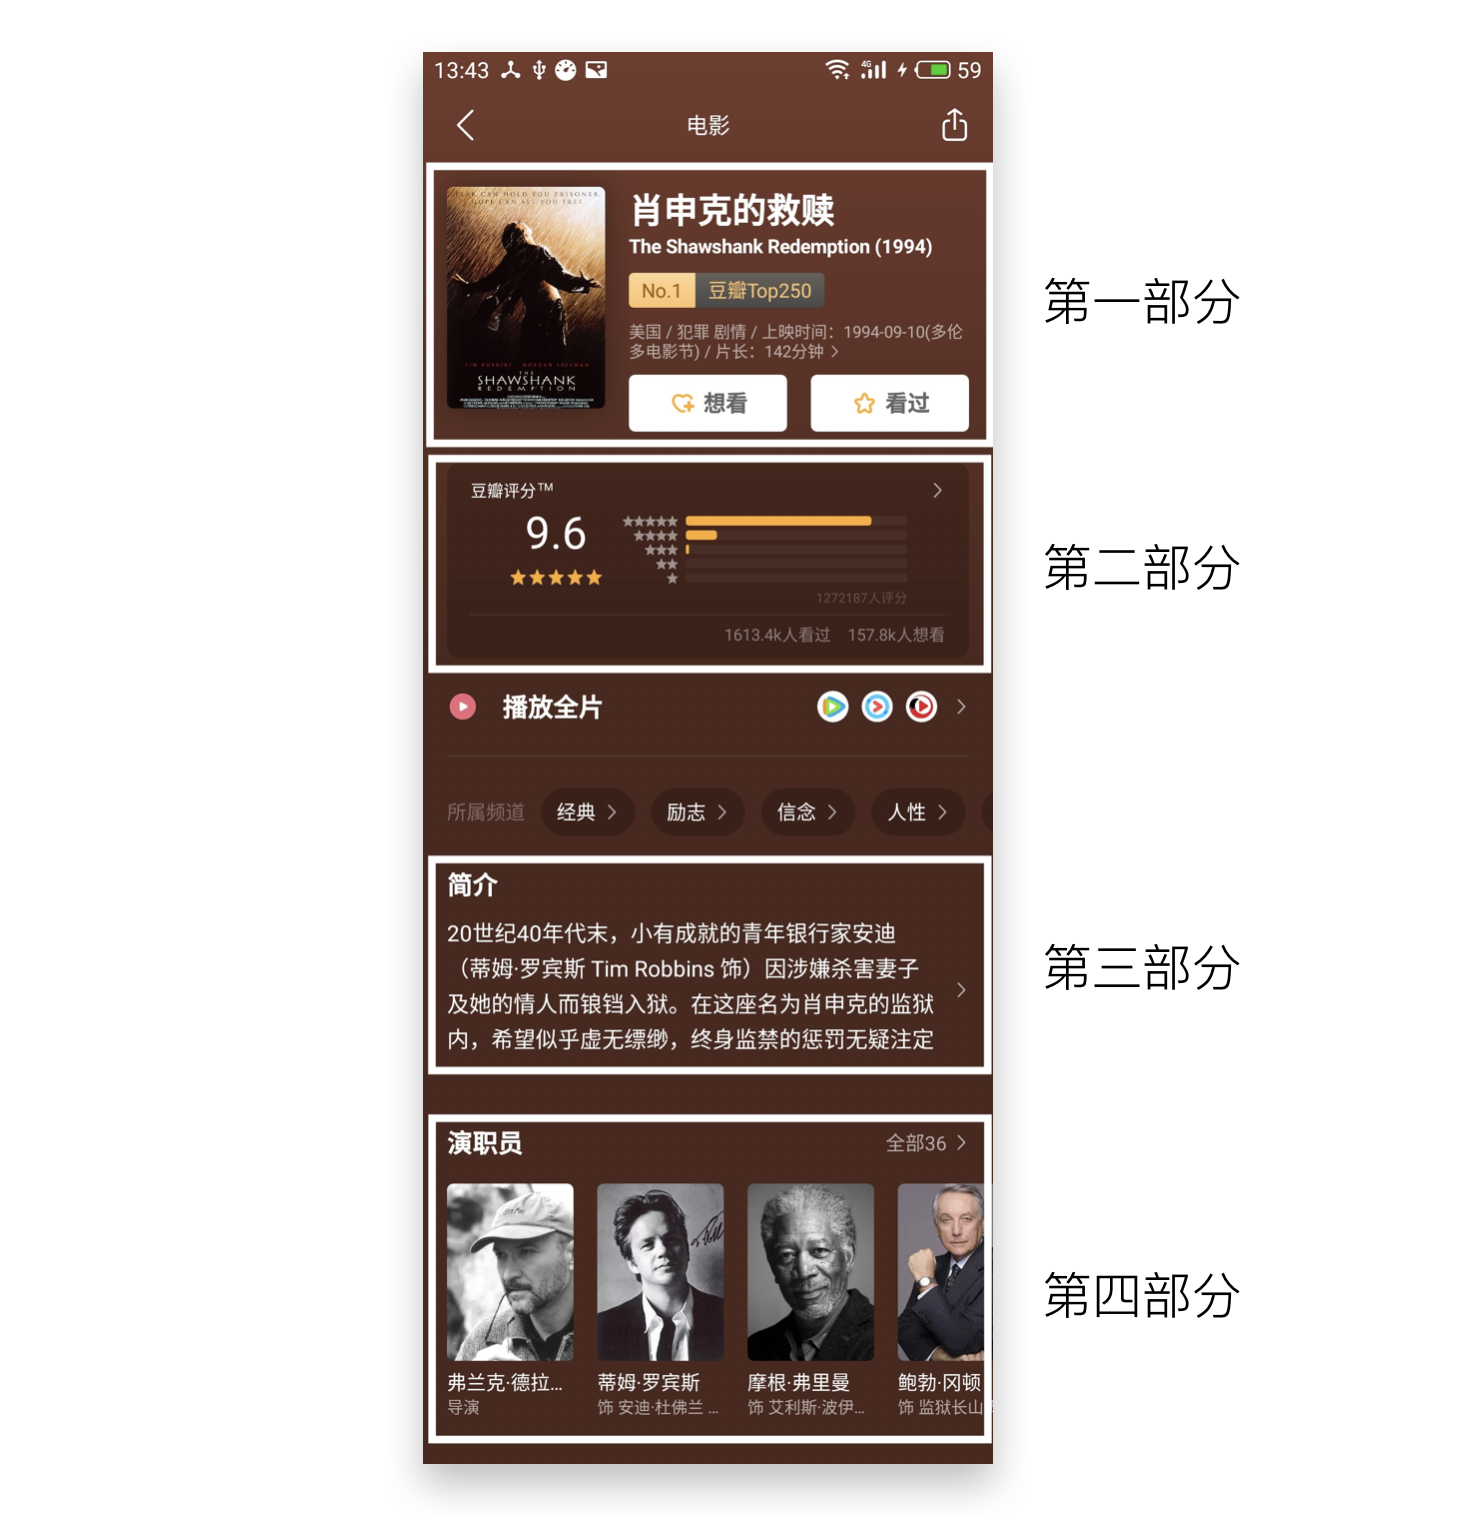 豆瓣电影详情 UI 布局分析